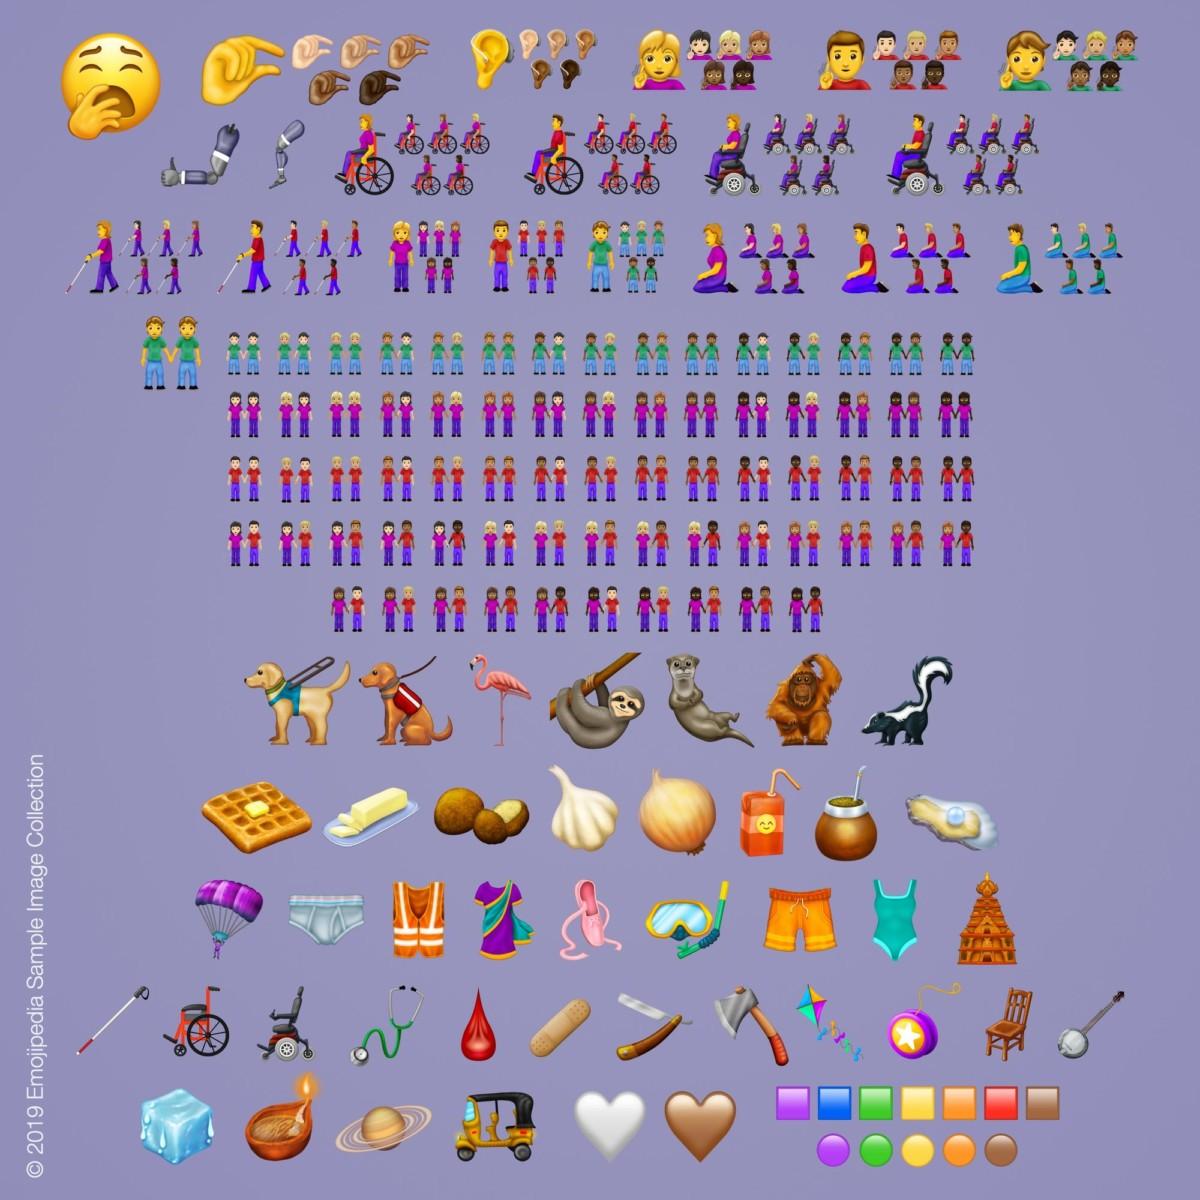 The complete 2019 emoji set